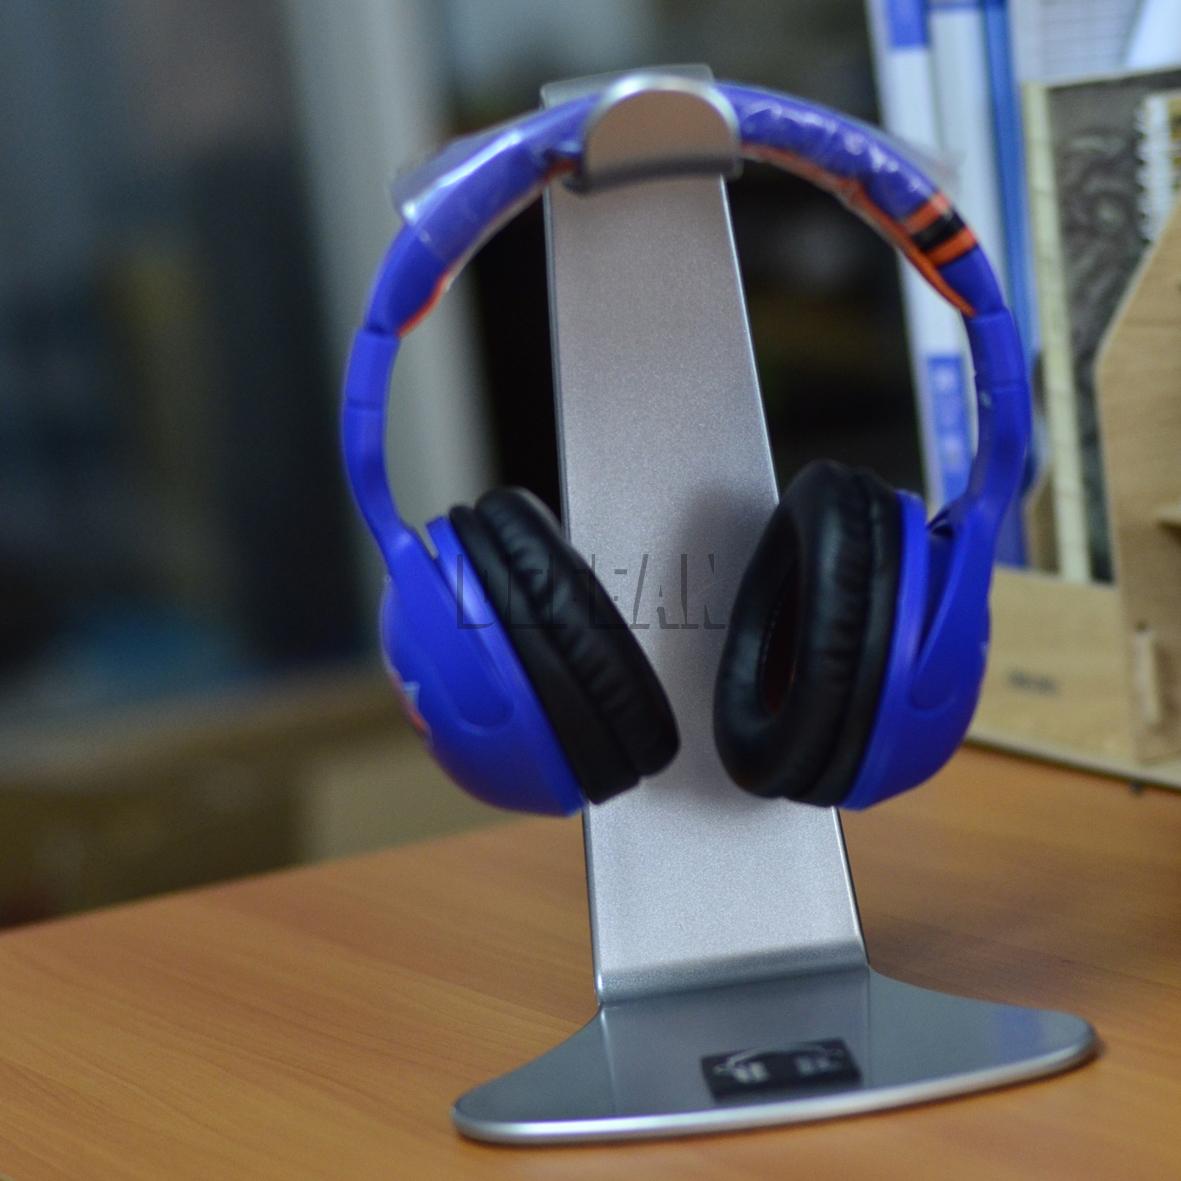 Universally Holder Headset Stand Rack For Razer Kraken